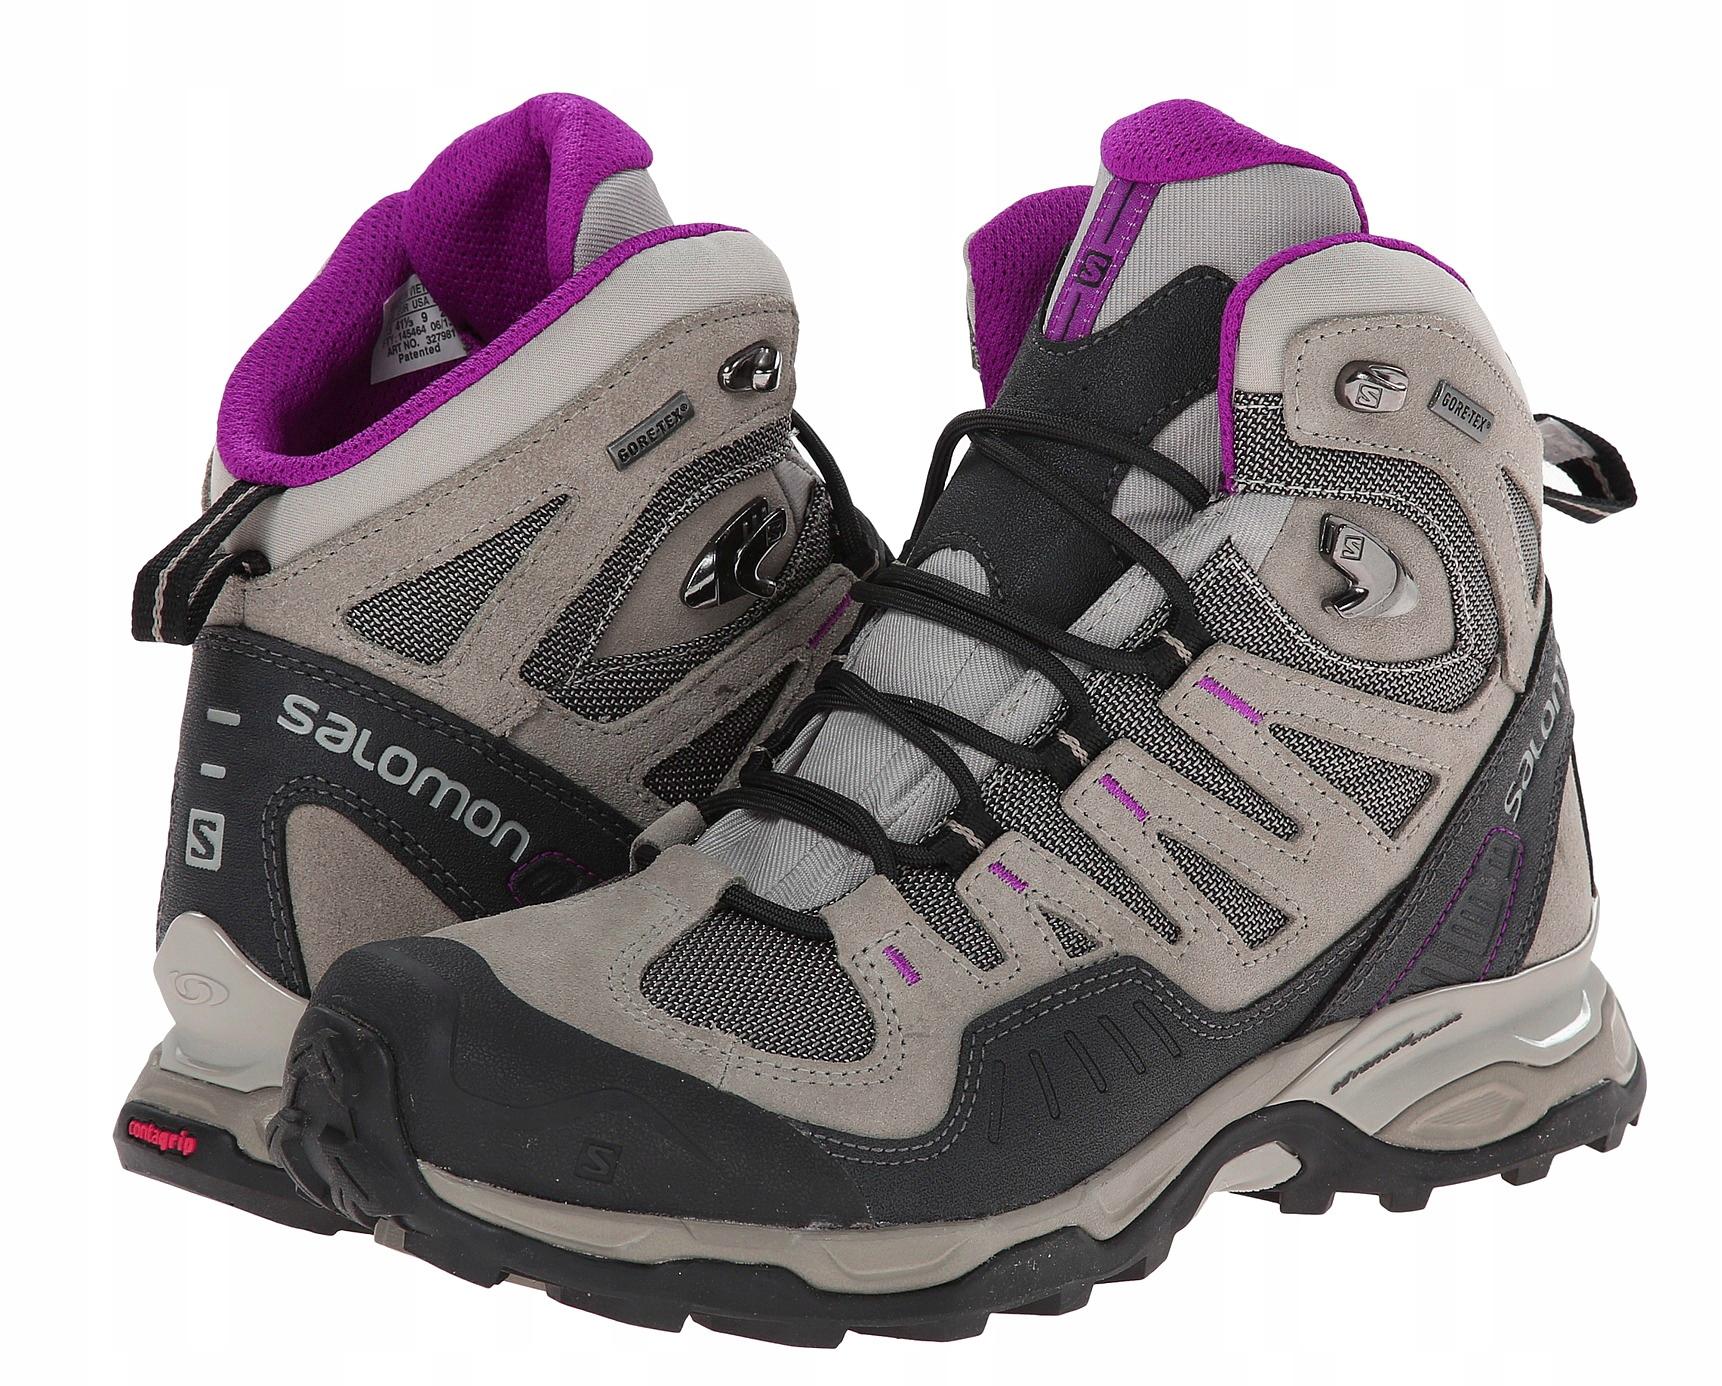 Salomon Conquest GTX buty trekking damskie 38 23